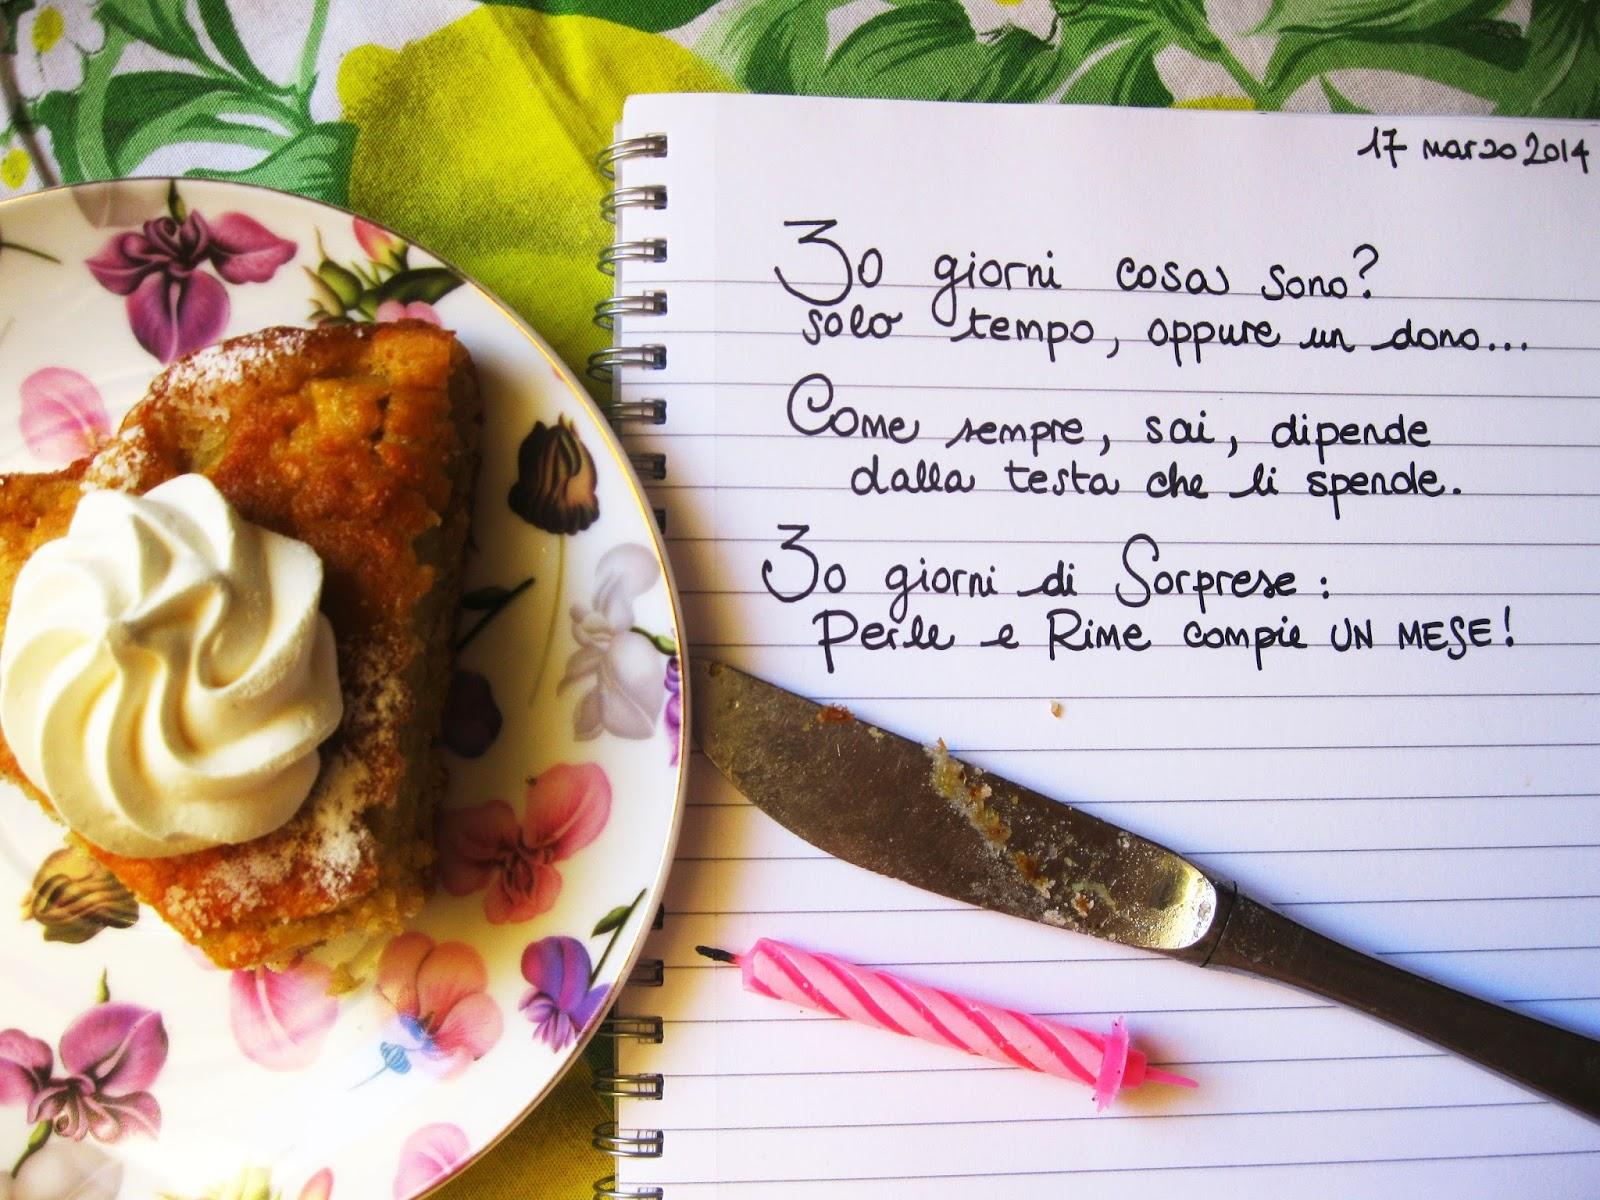 frasi dolci per lei in rima